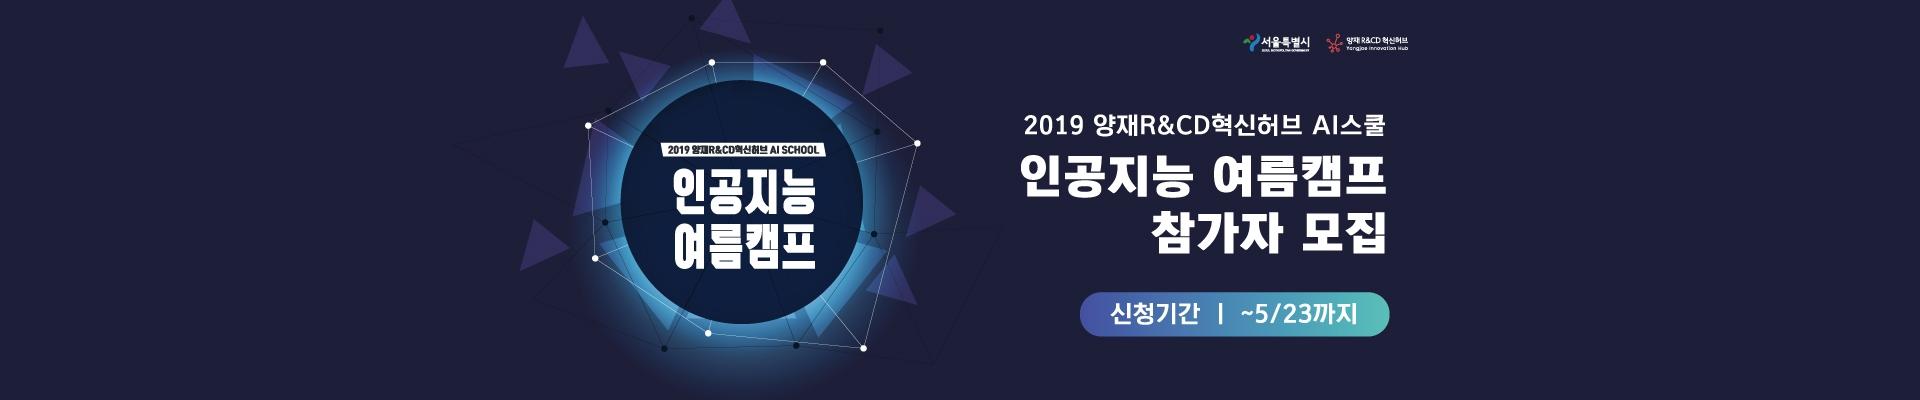 이벤터스_[양재R&CD혁신허브] 2019 AI스쿨 실무자 양성과정 '인공지능 여름캠프' 참가자 모집